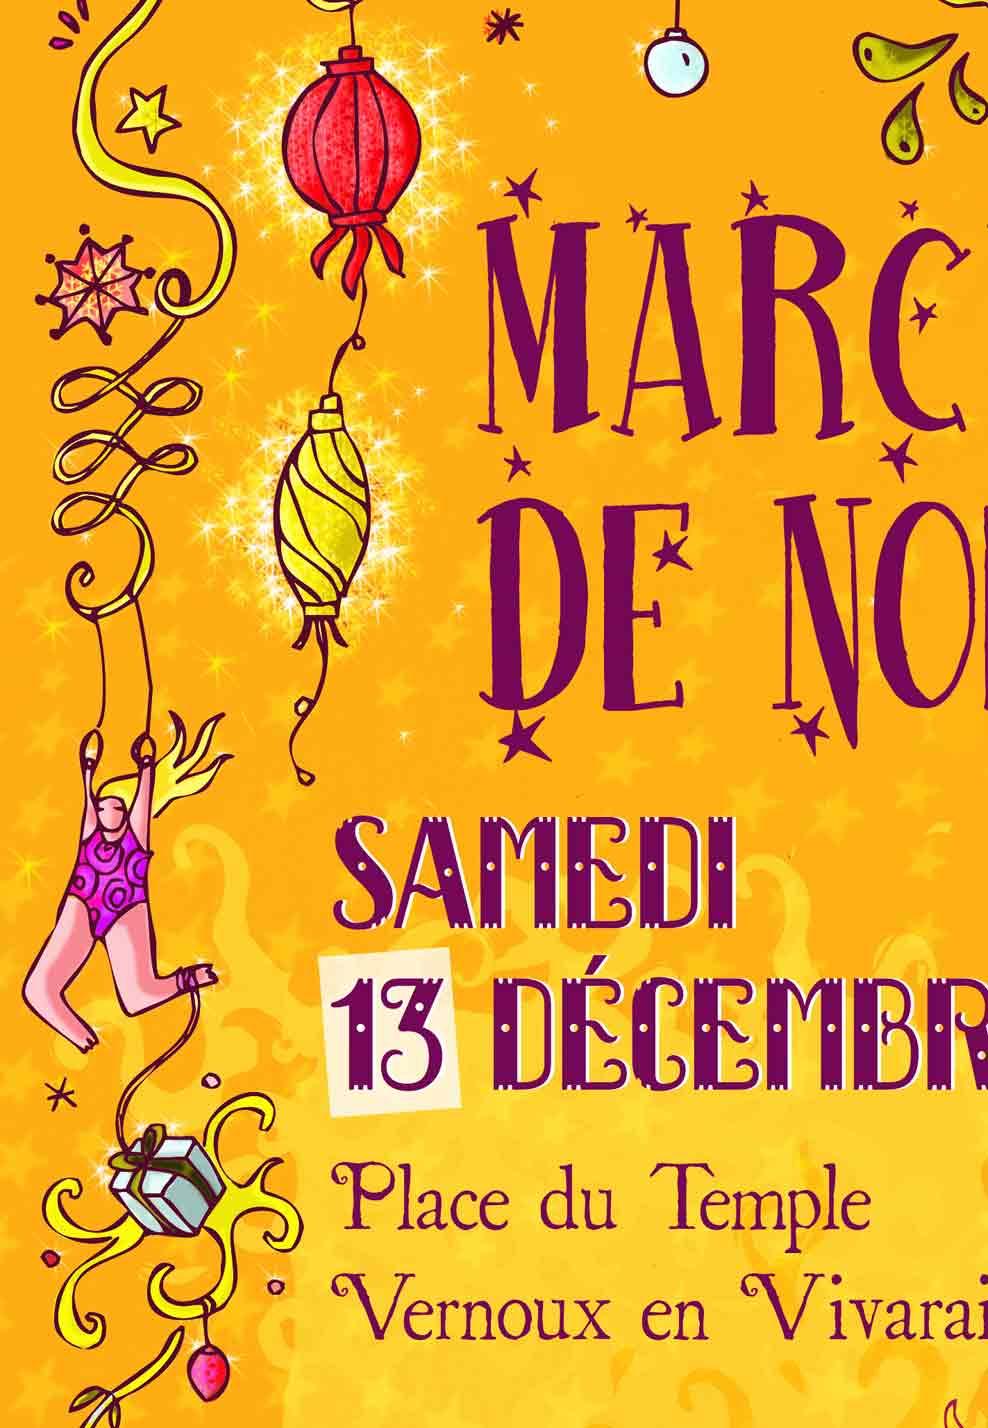 TOP-marché-de-noel